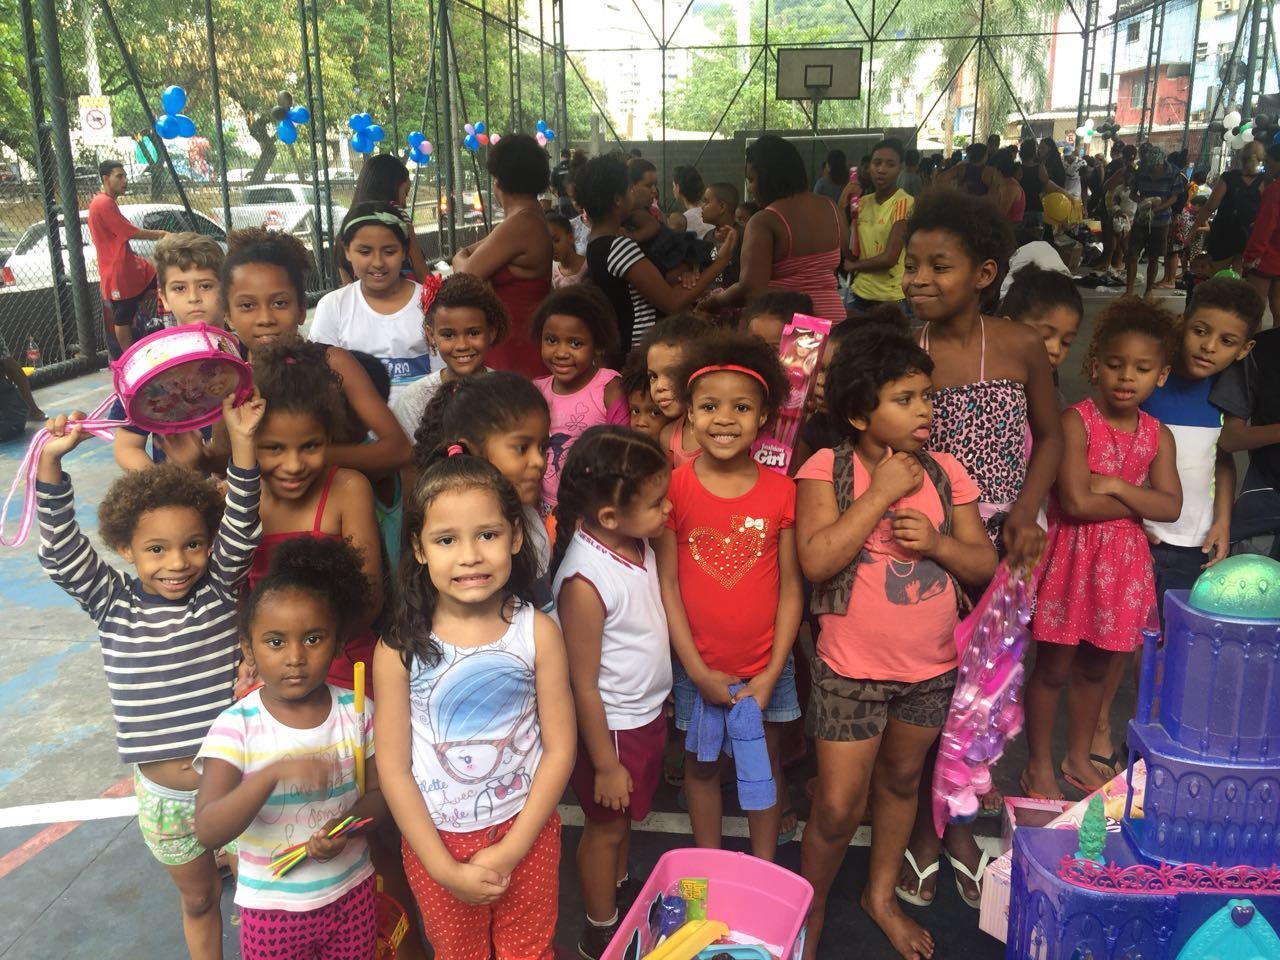 Após campanha, mais de 800 crianças receberam brinquedos e roupas da